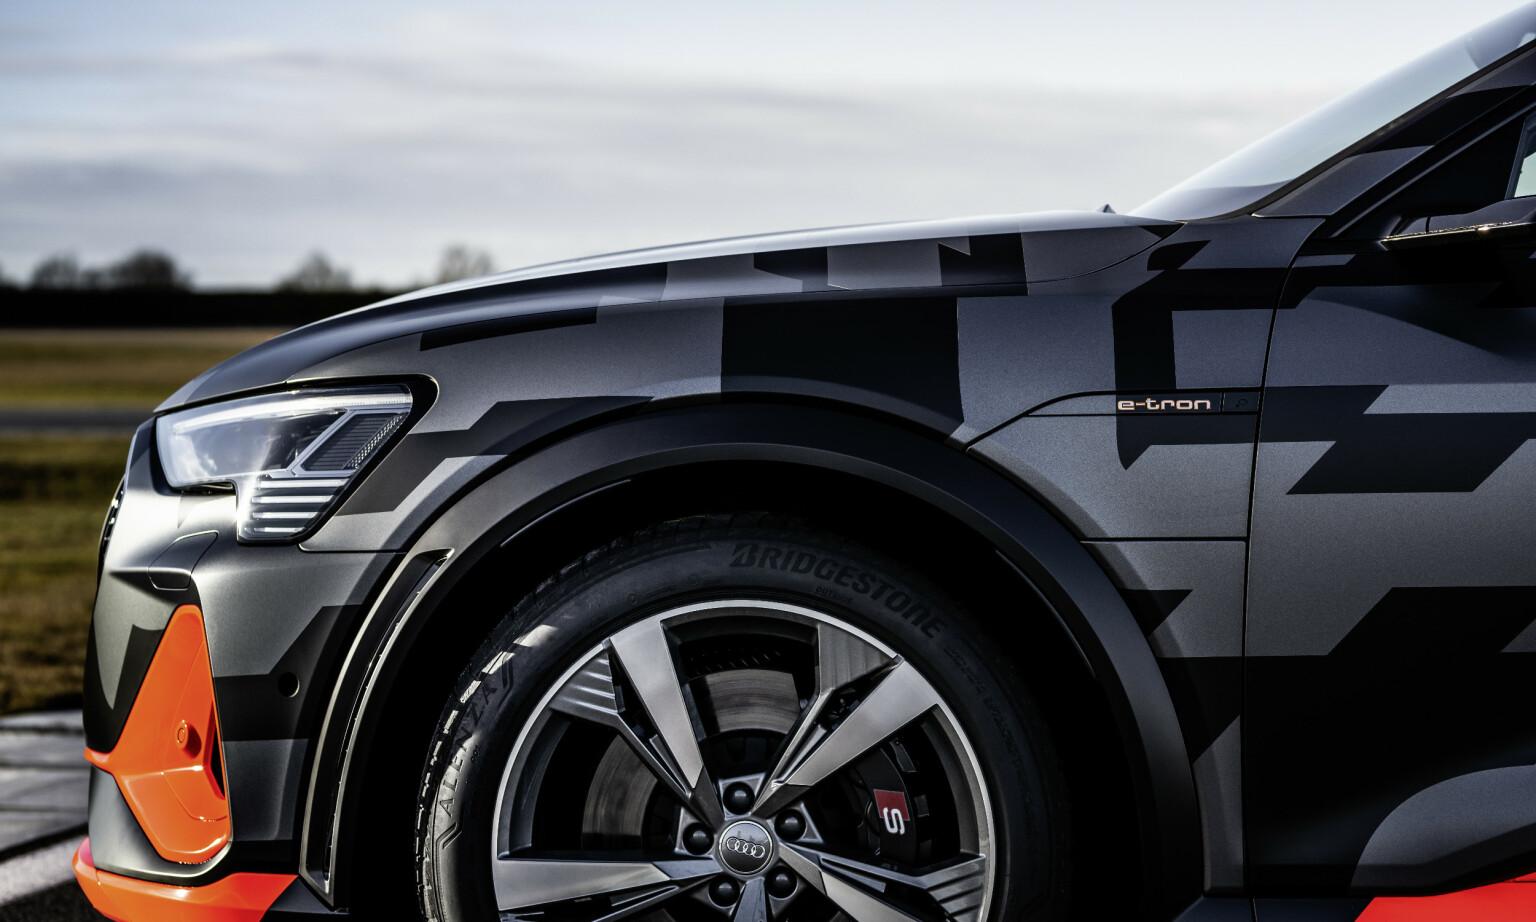 DETALJER: Skjermbreddere med luftspalte, 19-toms bremser og 22-toms hjul. Foto: Tobias Sagmeister